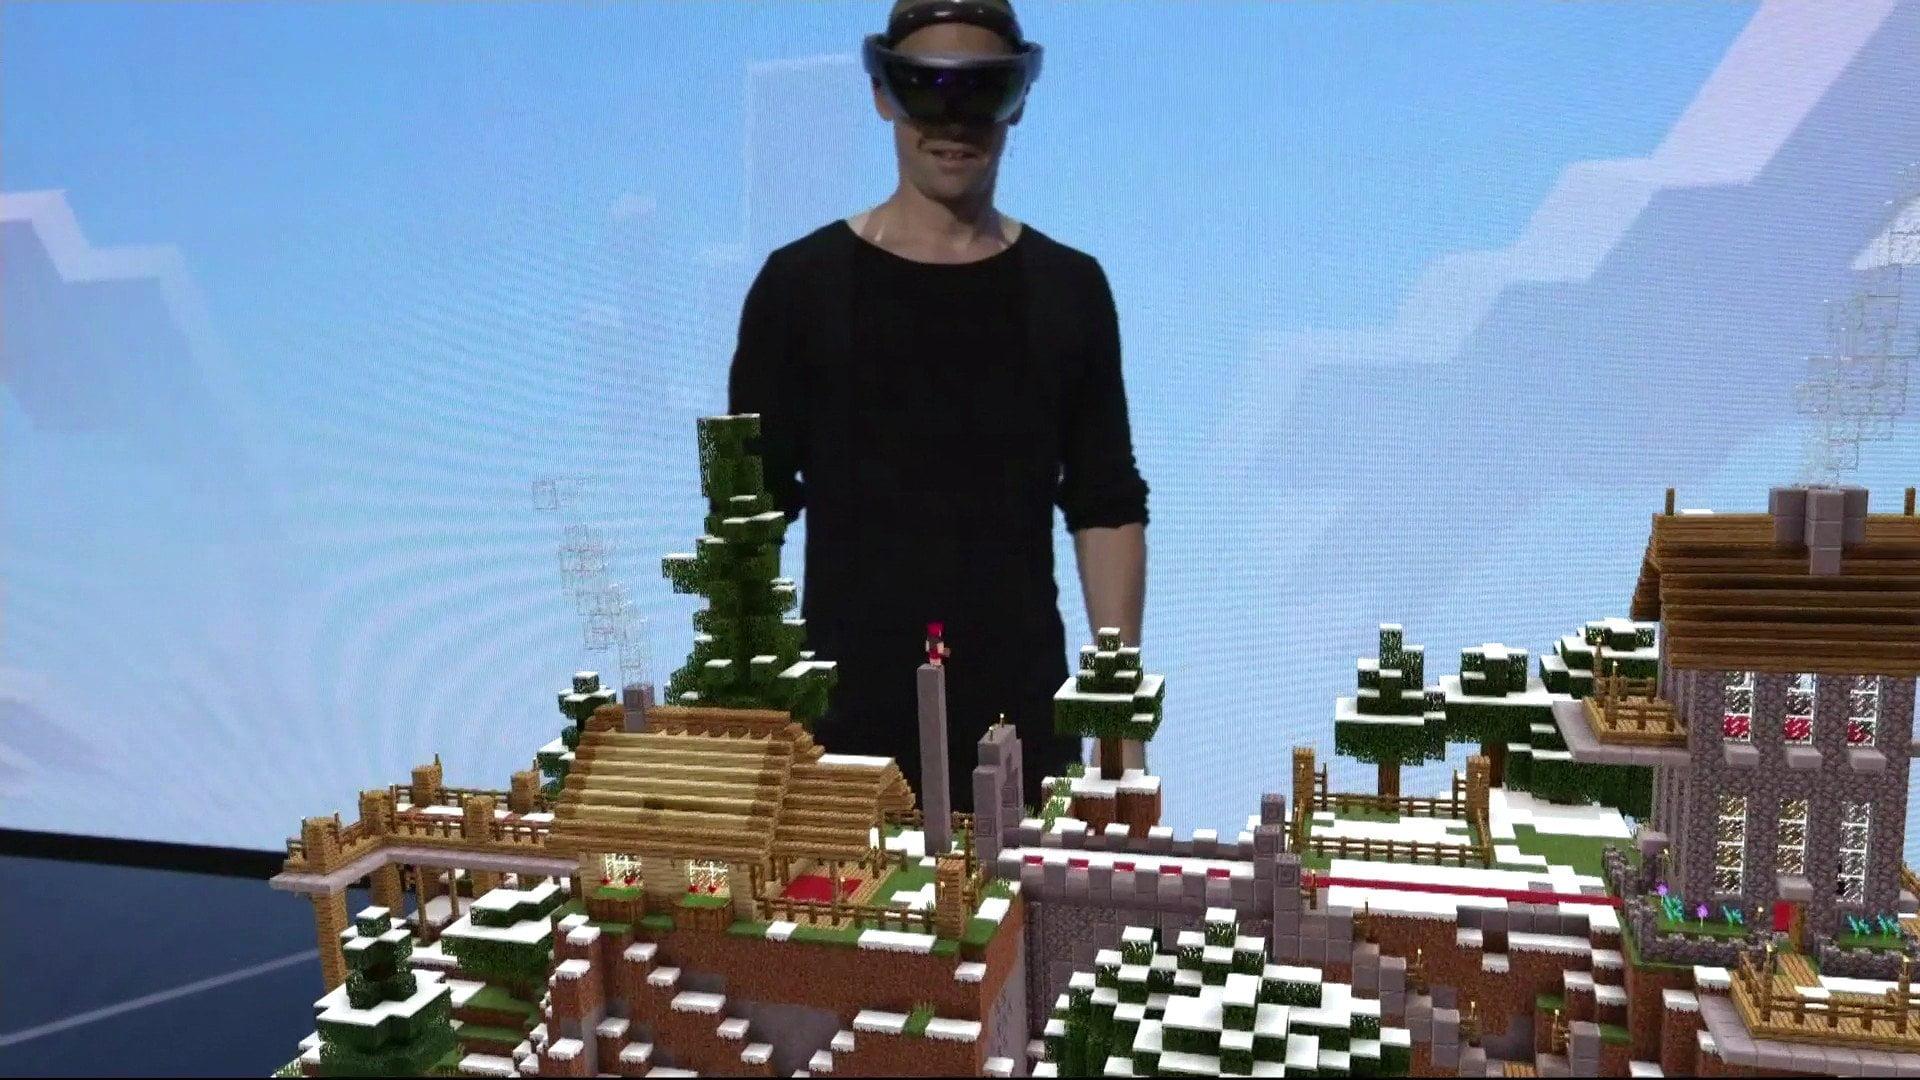 La demo de Minecraft en Hololens en el E3